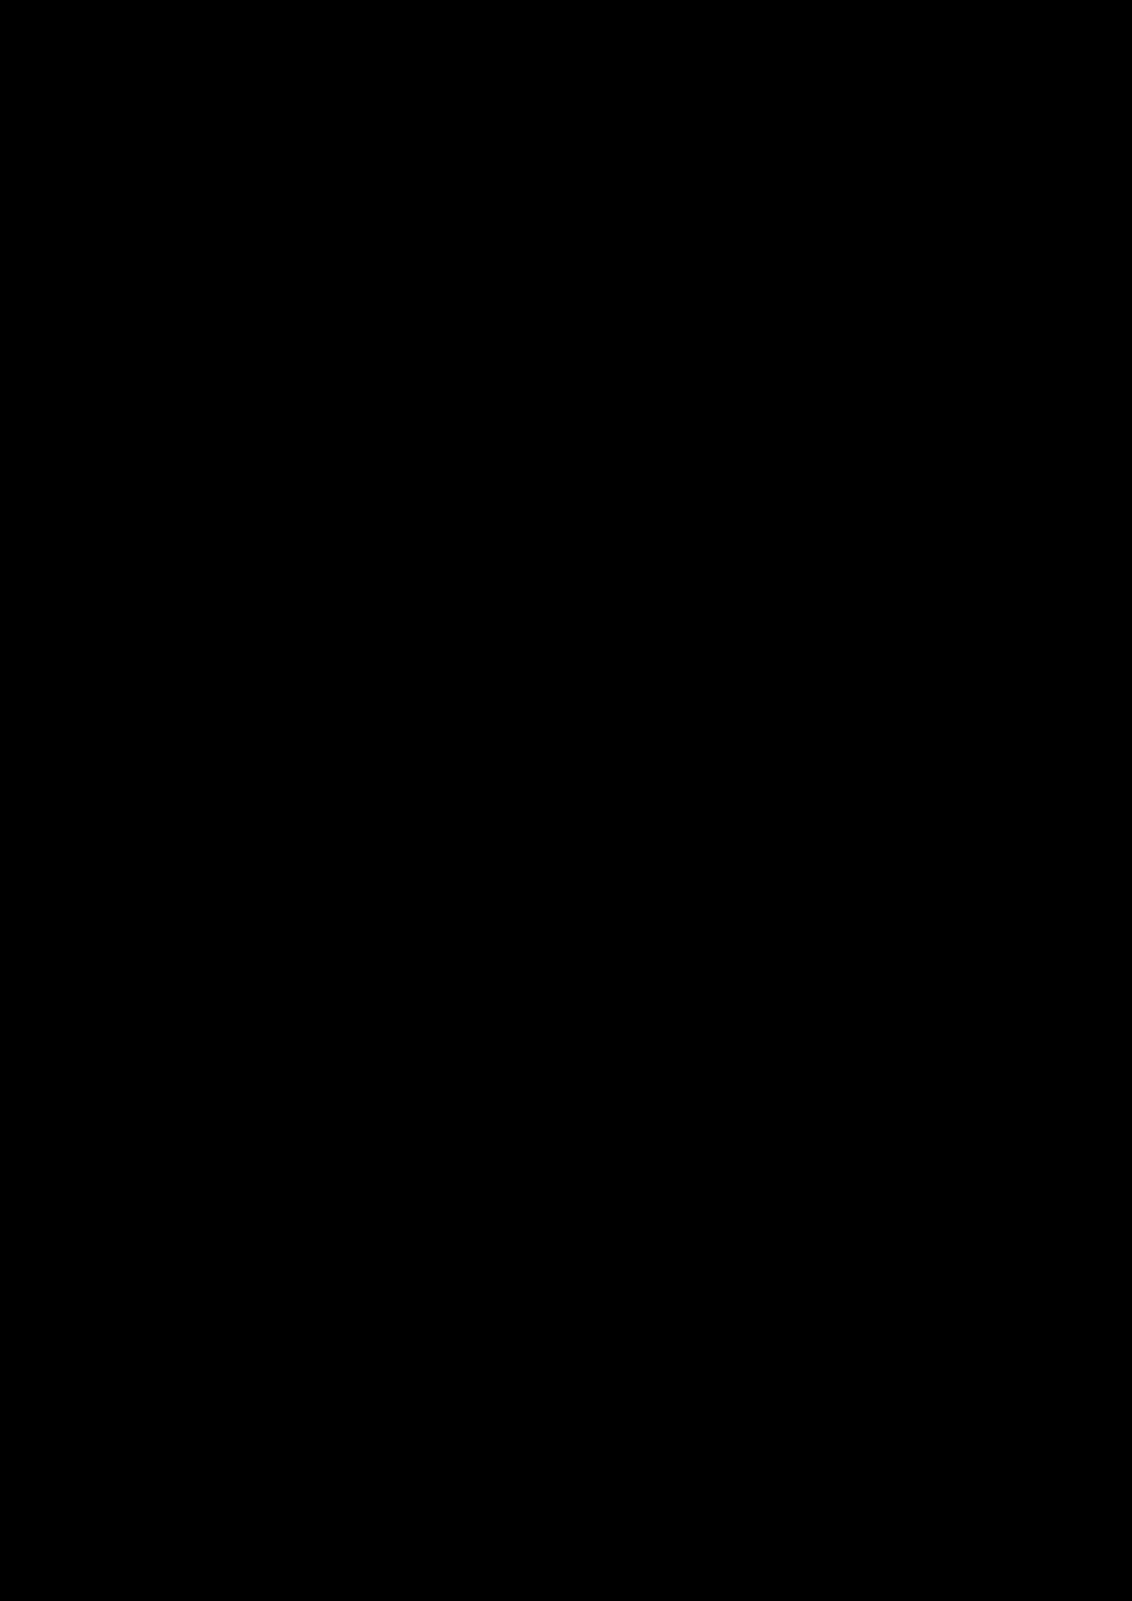 Zagadka volshebnoy stranyi slide, Image 179